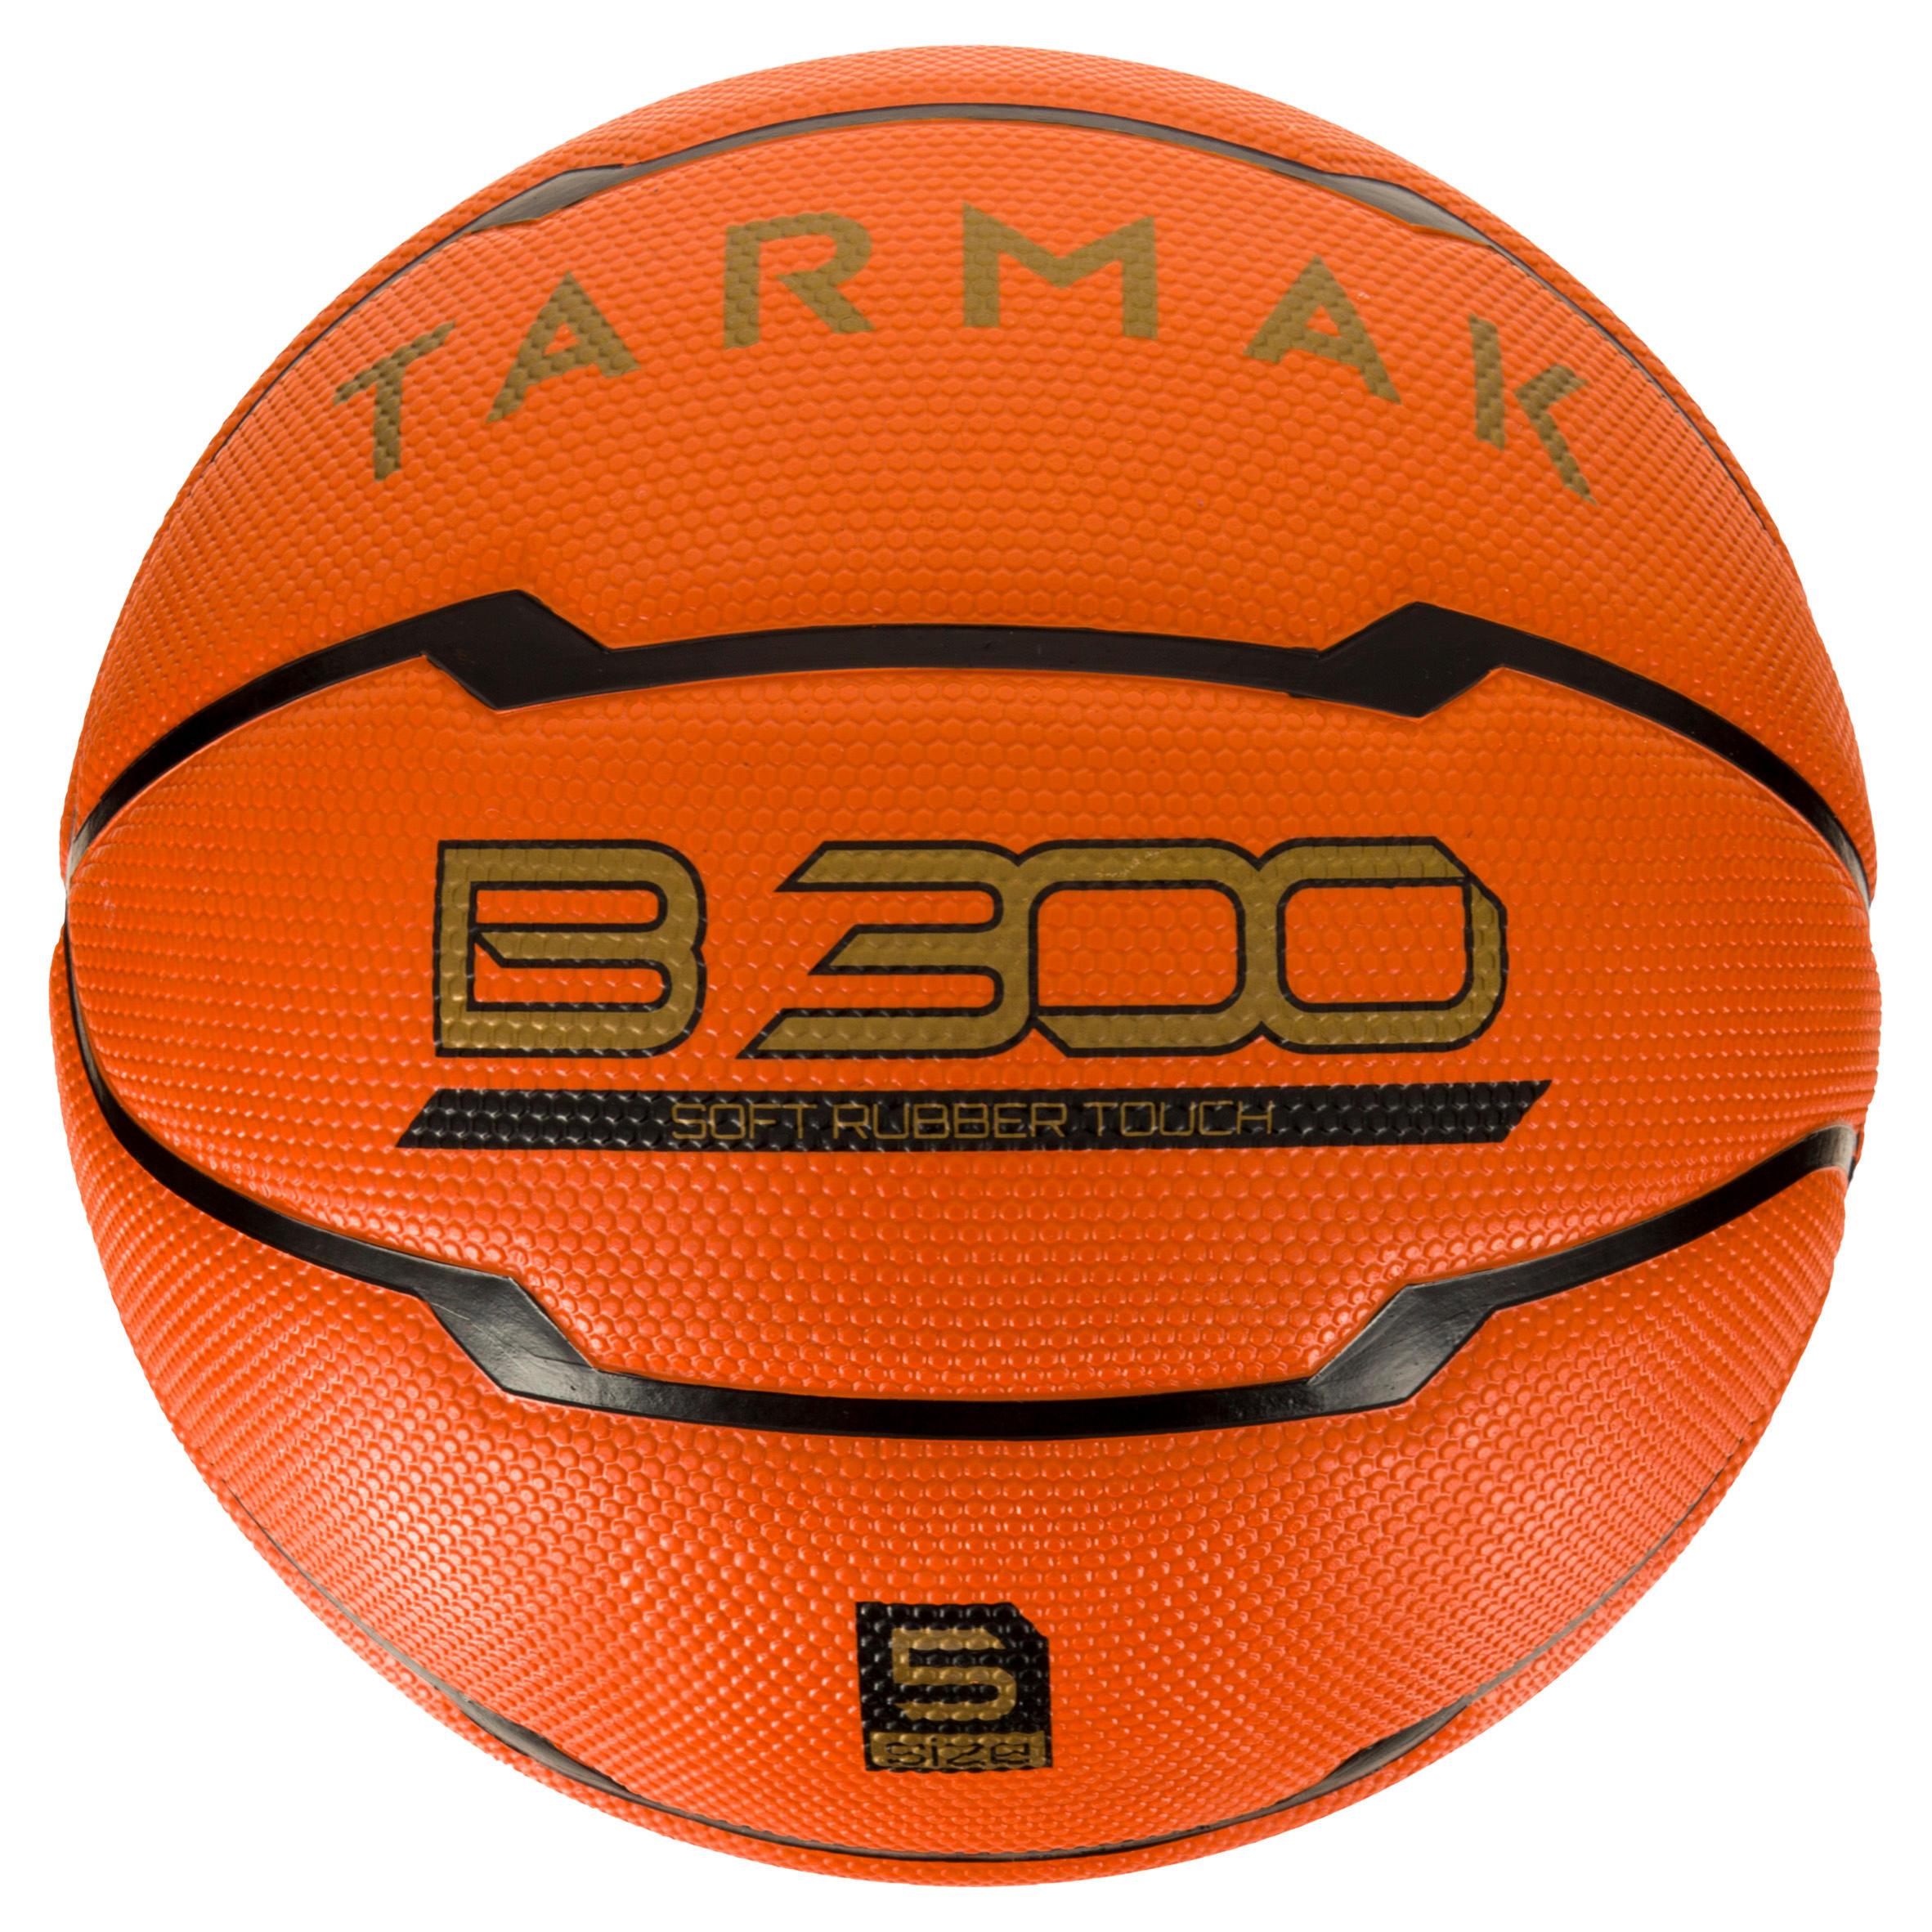 Tarmak Basketbal kinderen B300 maat 5